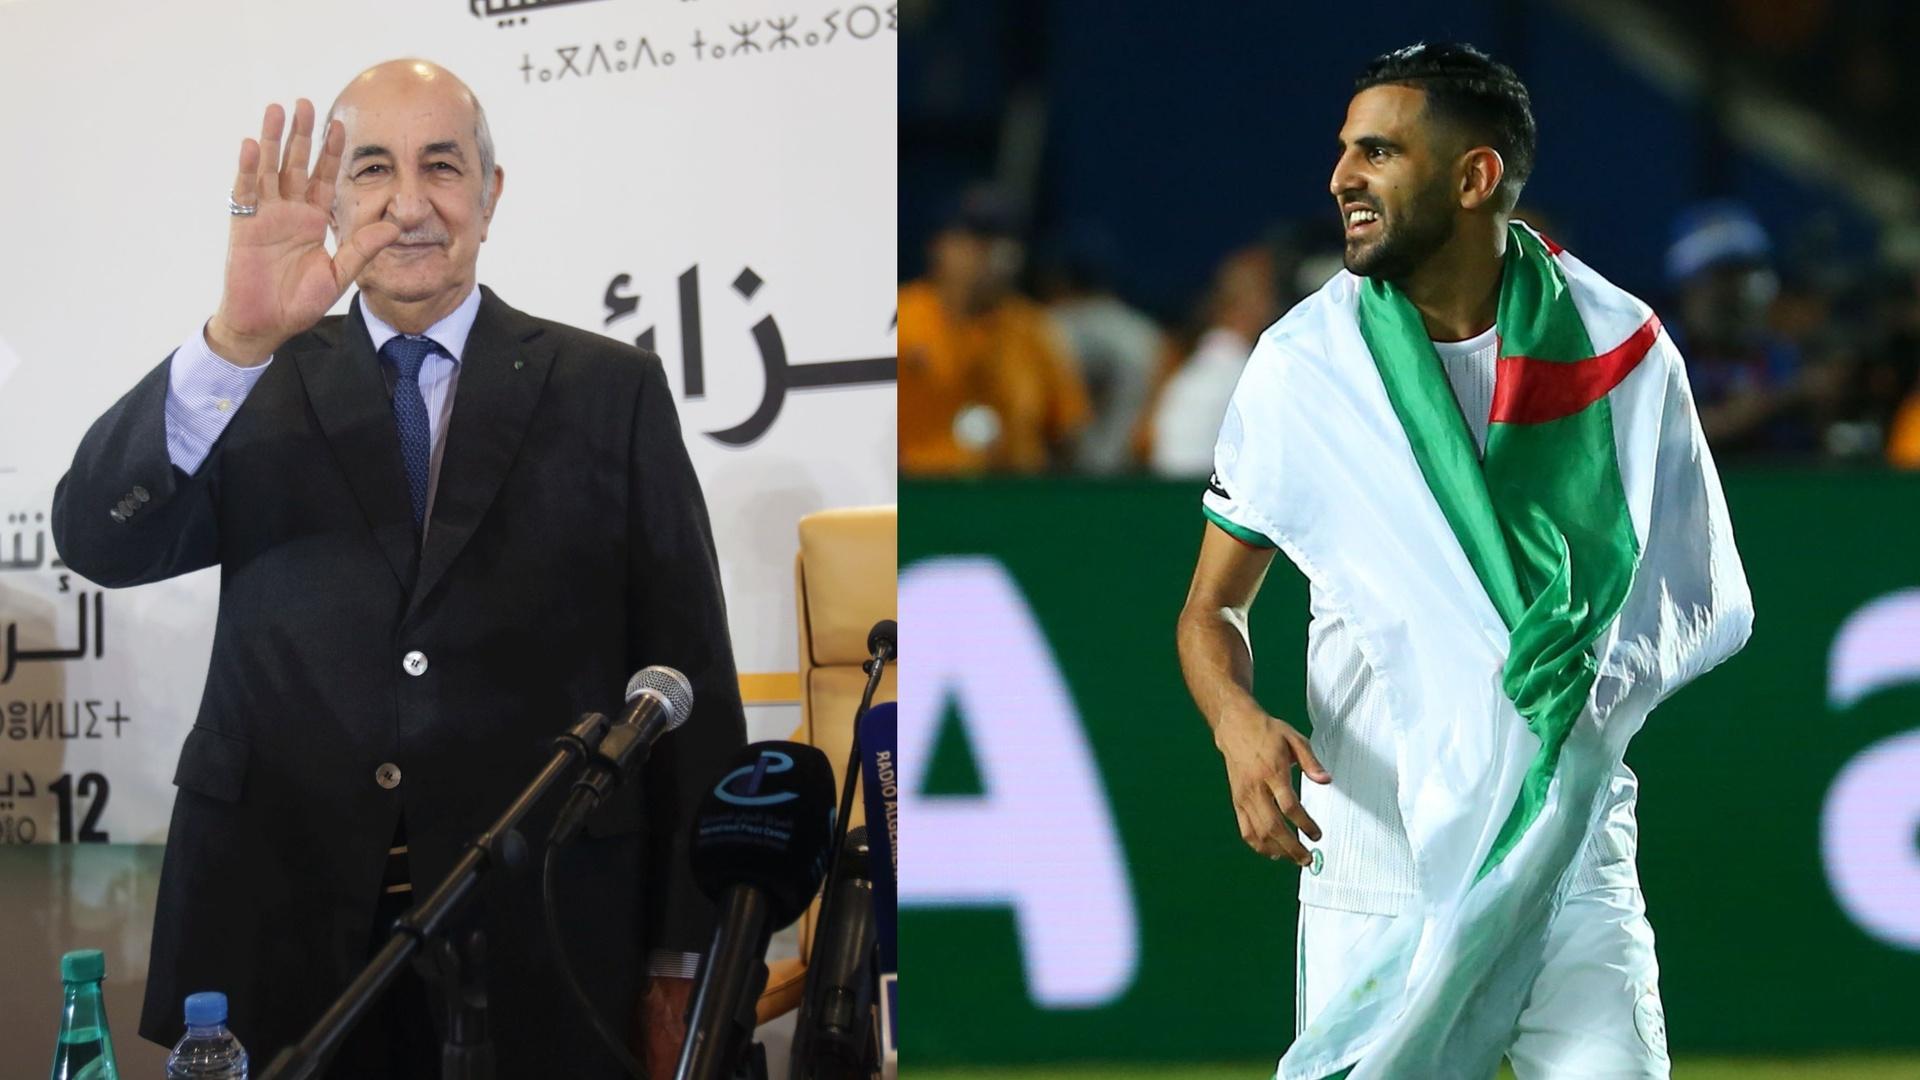 الرئيس الجزائري يشعل المواقع بتغريدة عن محرز